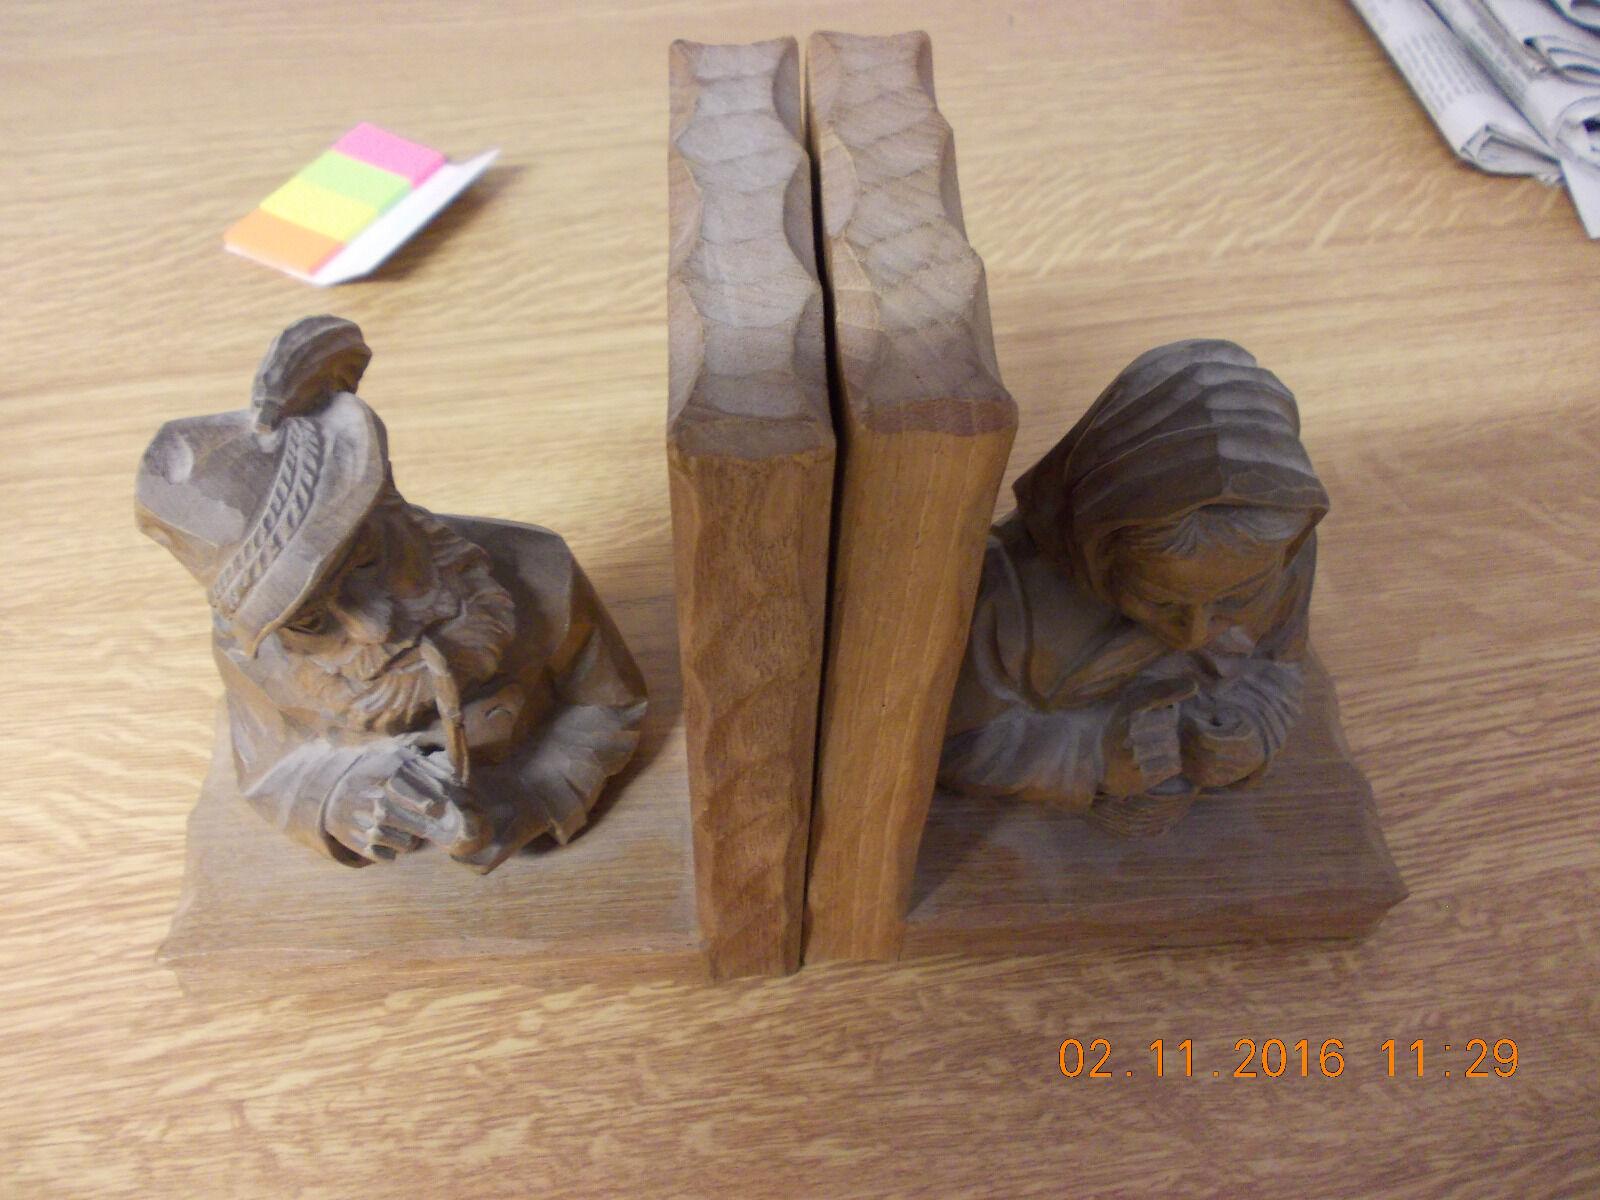 Buchstützen  handgemacht vom Künstler Künstler Künstler Conrad MGoldder Südtirol   Mama kaufte ein bequemes, Baby ist glücklich  7534ff